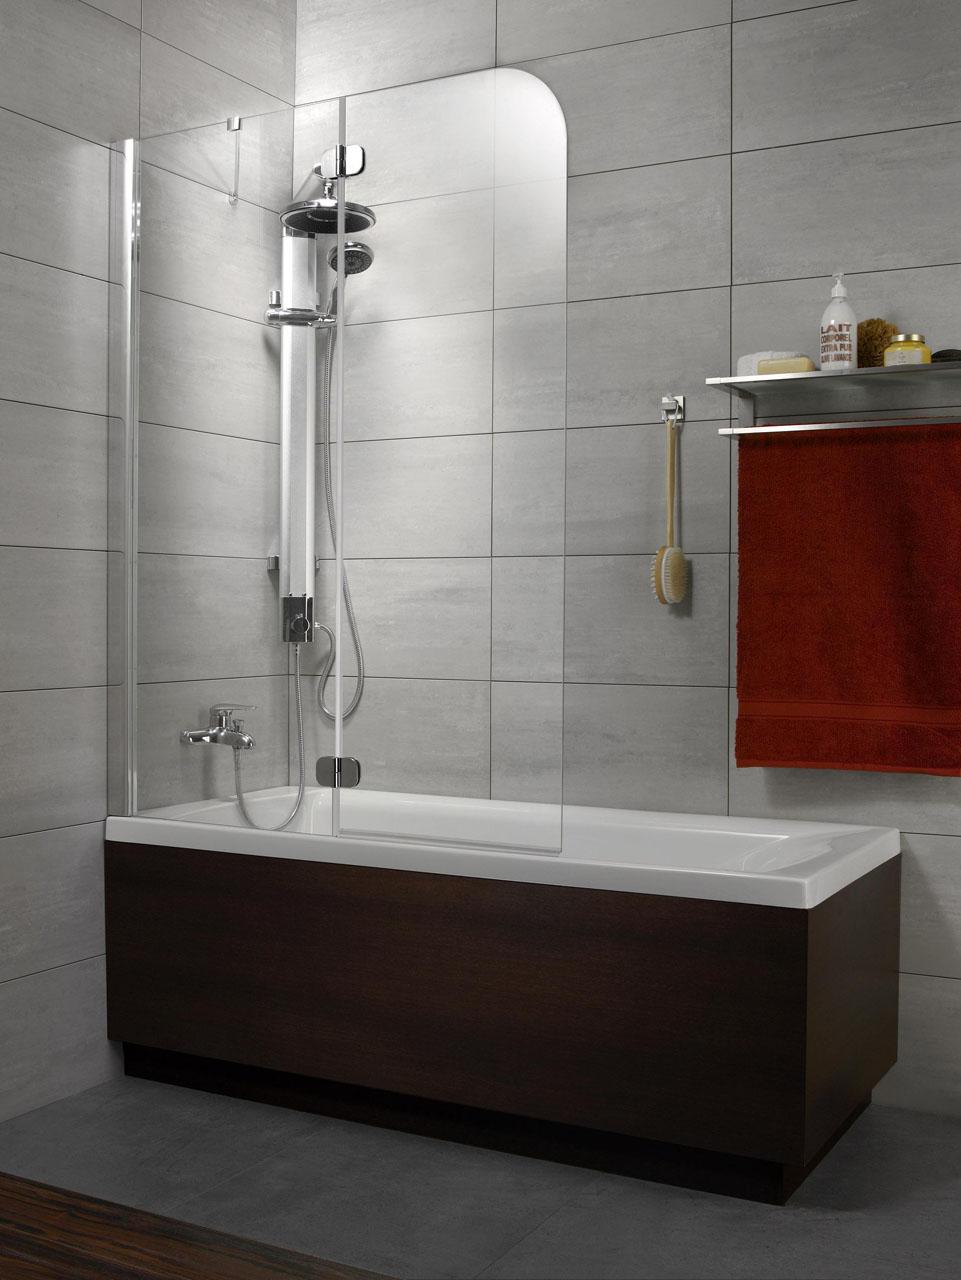 Стеклянная шторка в коричнево-серой ванной комнате